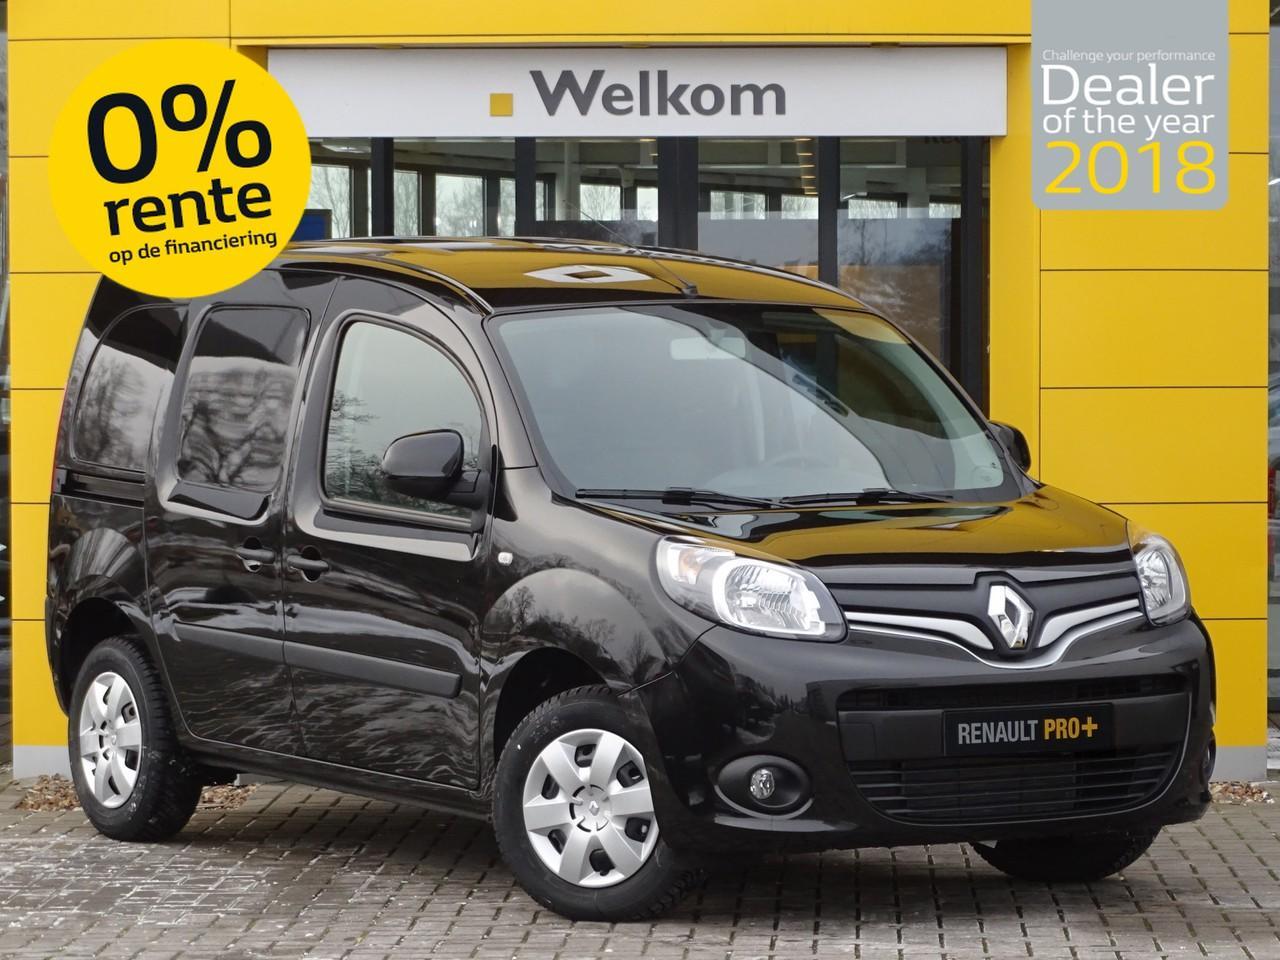 Renault Kangoo 1.5 dci 90pk work edition normaal rijklaar 17.180,- nu rijklaar 12.885,-